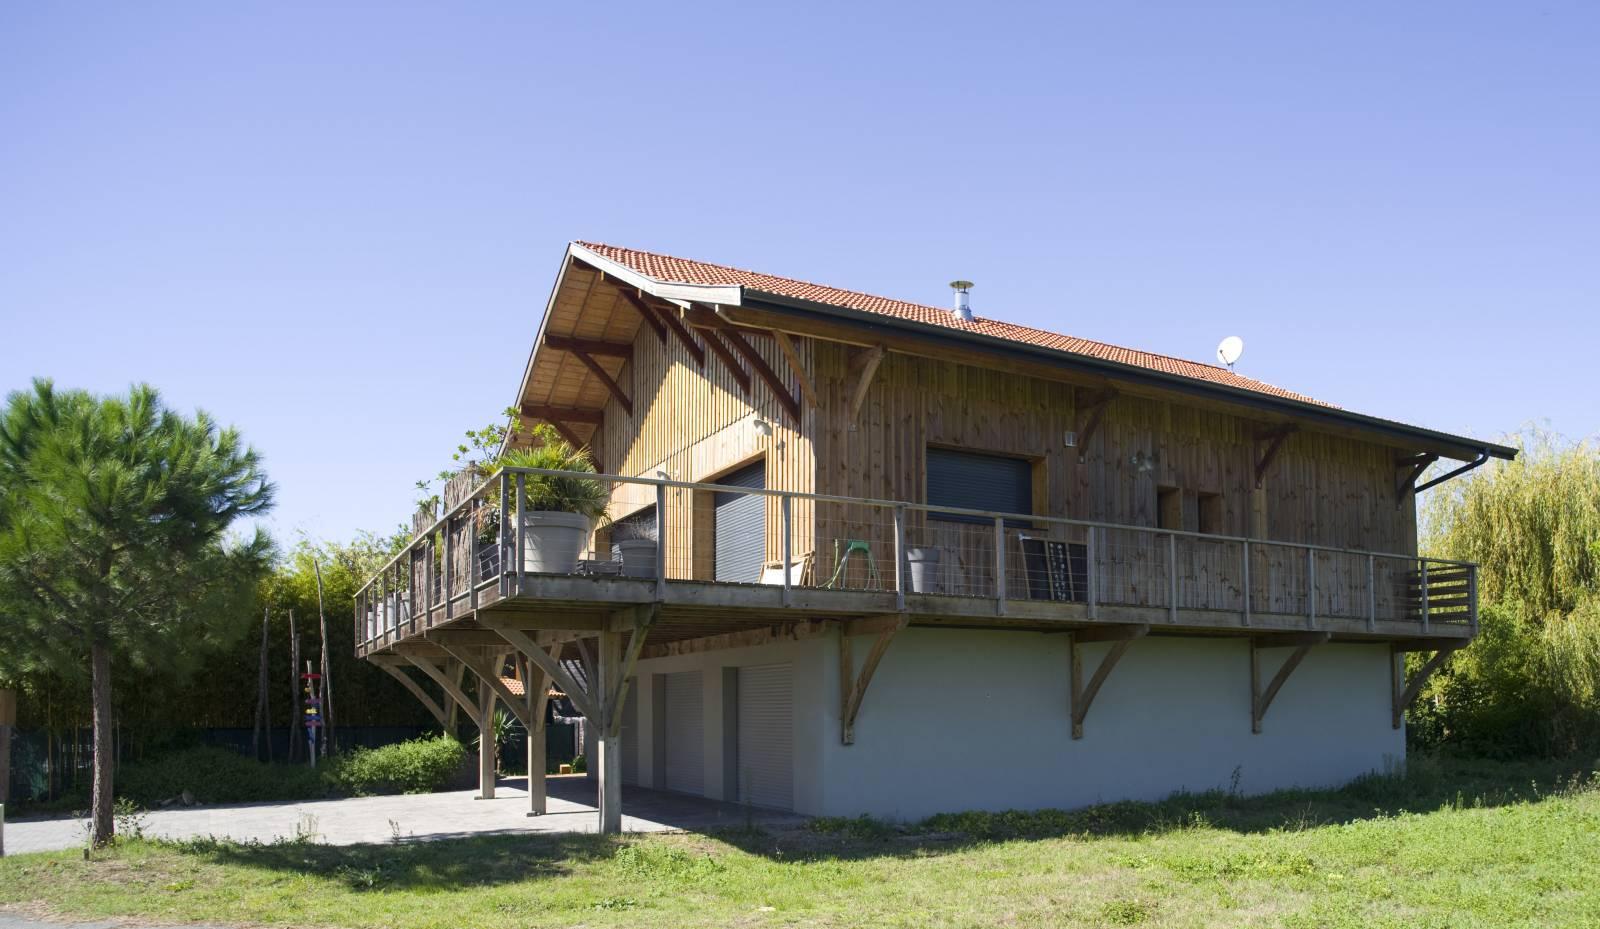 Maison bassin d 39 arcachon architecte bordeaux denis for Architecte arcachon